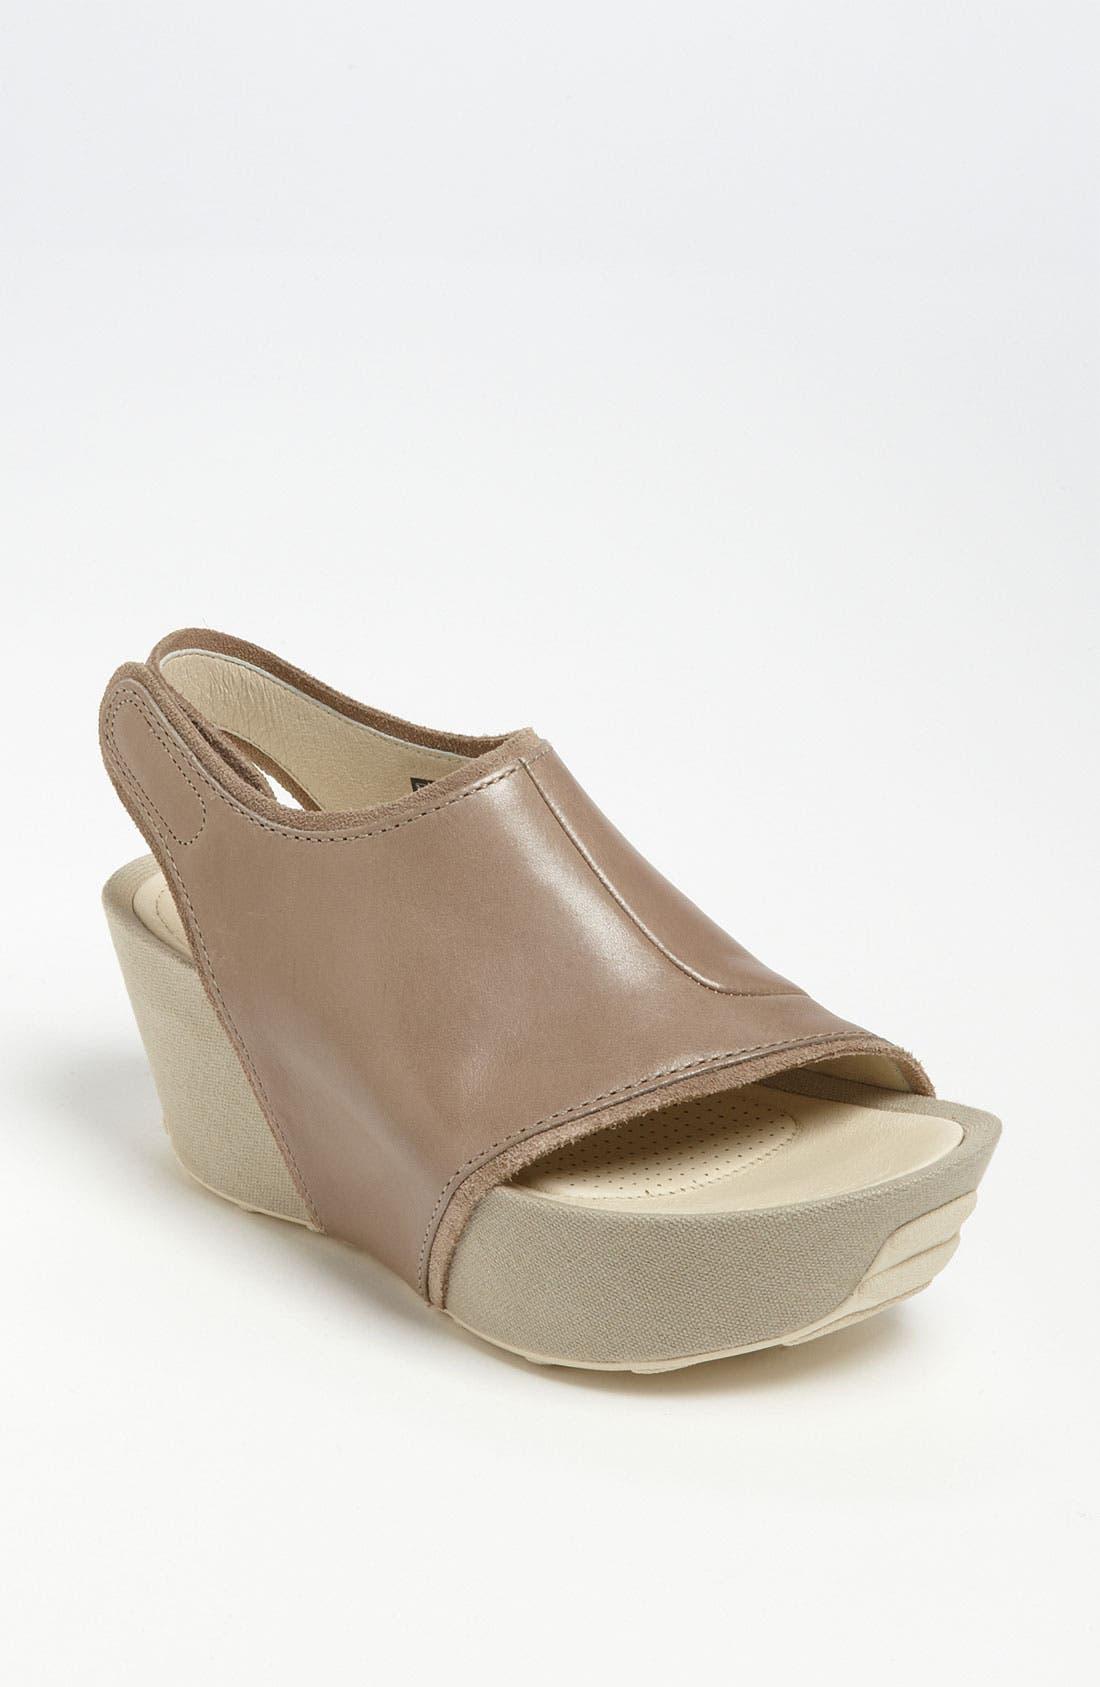 Main Image - Tsubo 'Barto' Sandal